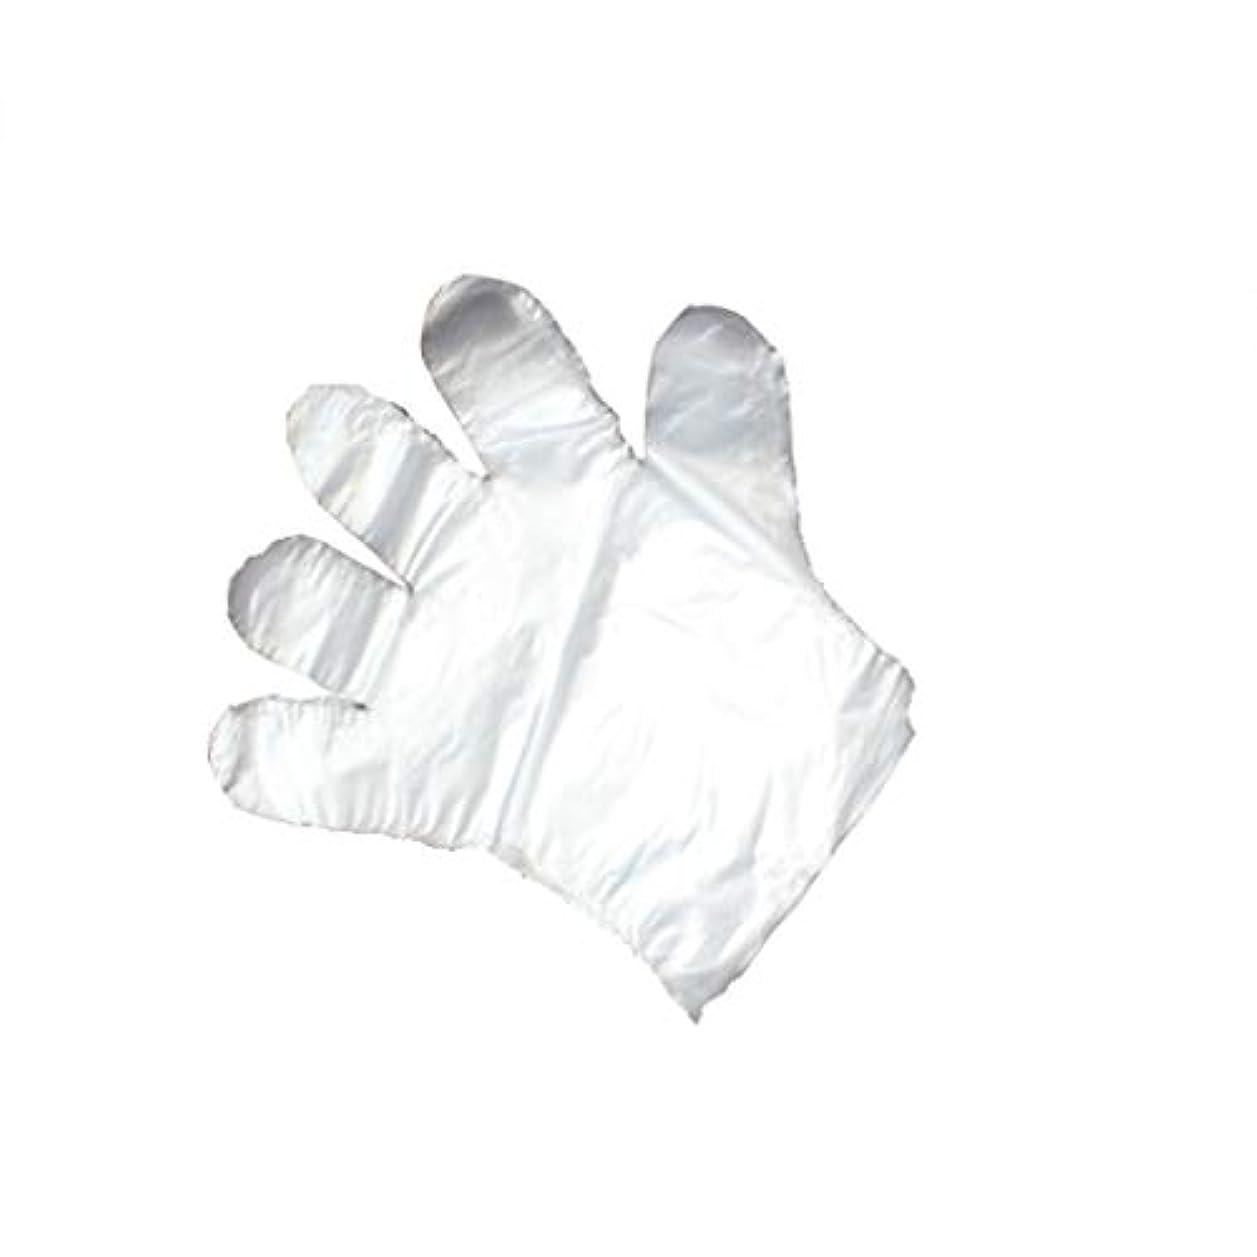 食べる発掘する劇場手袋、使い捨て手袋、透明な肥厚、美しさ、家庭掃除、手袋、白、透明、5パック、500袋。 (UnitCount : 1000)